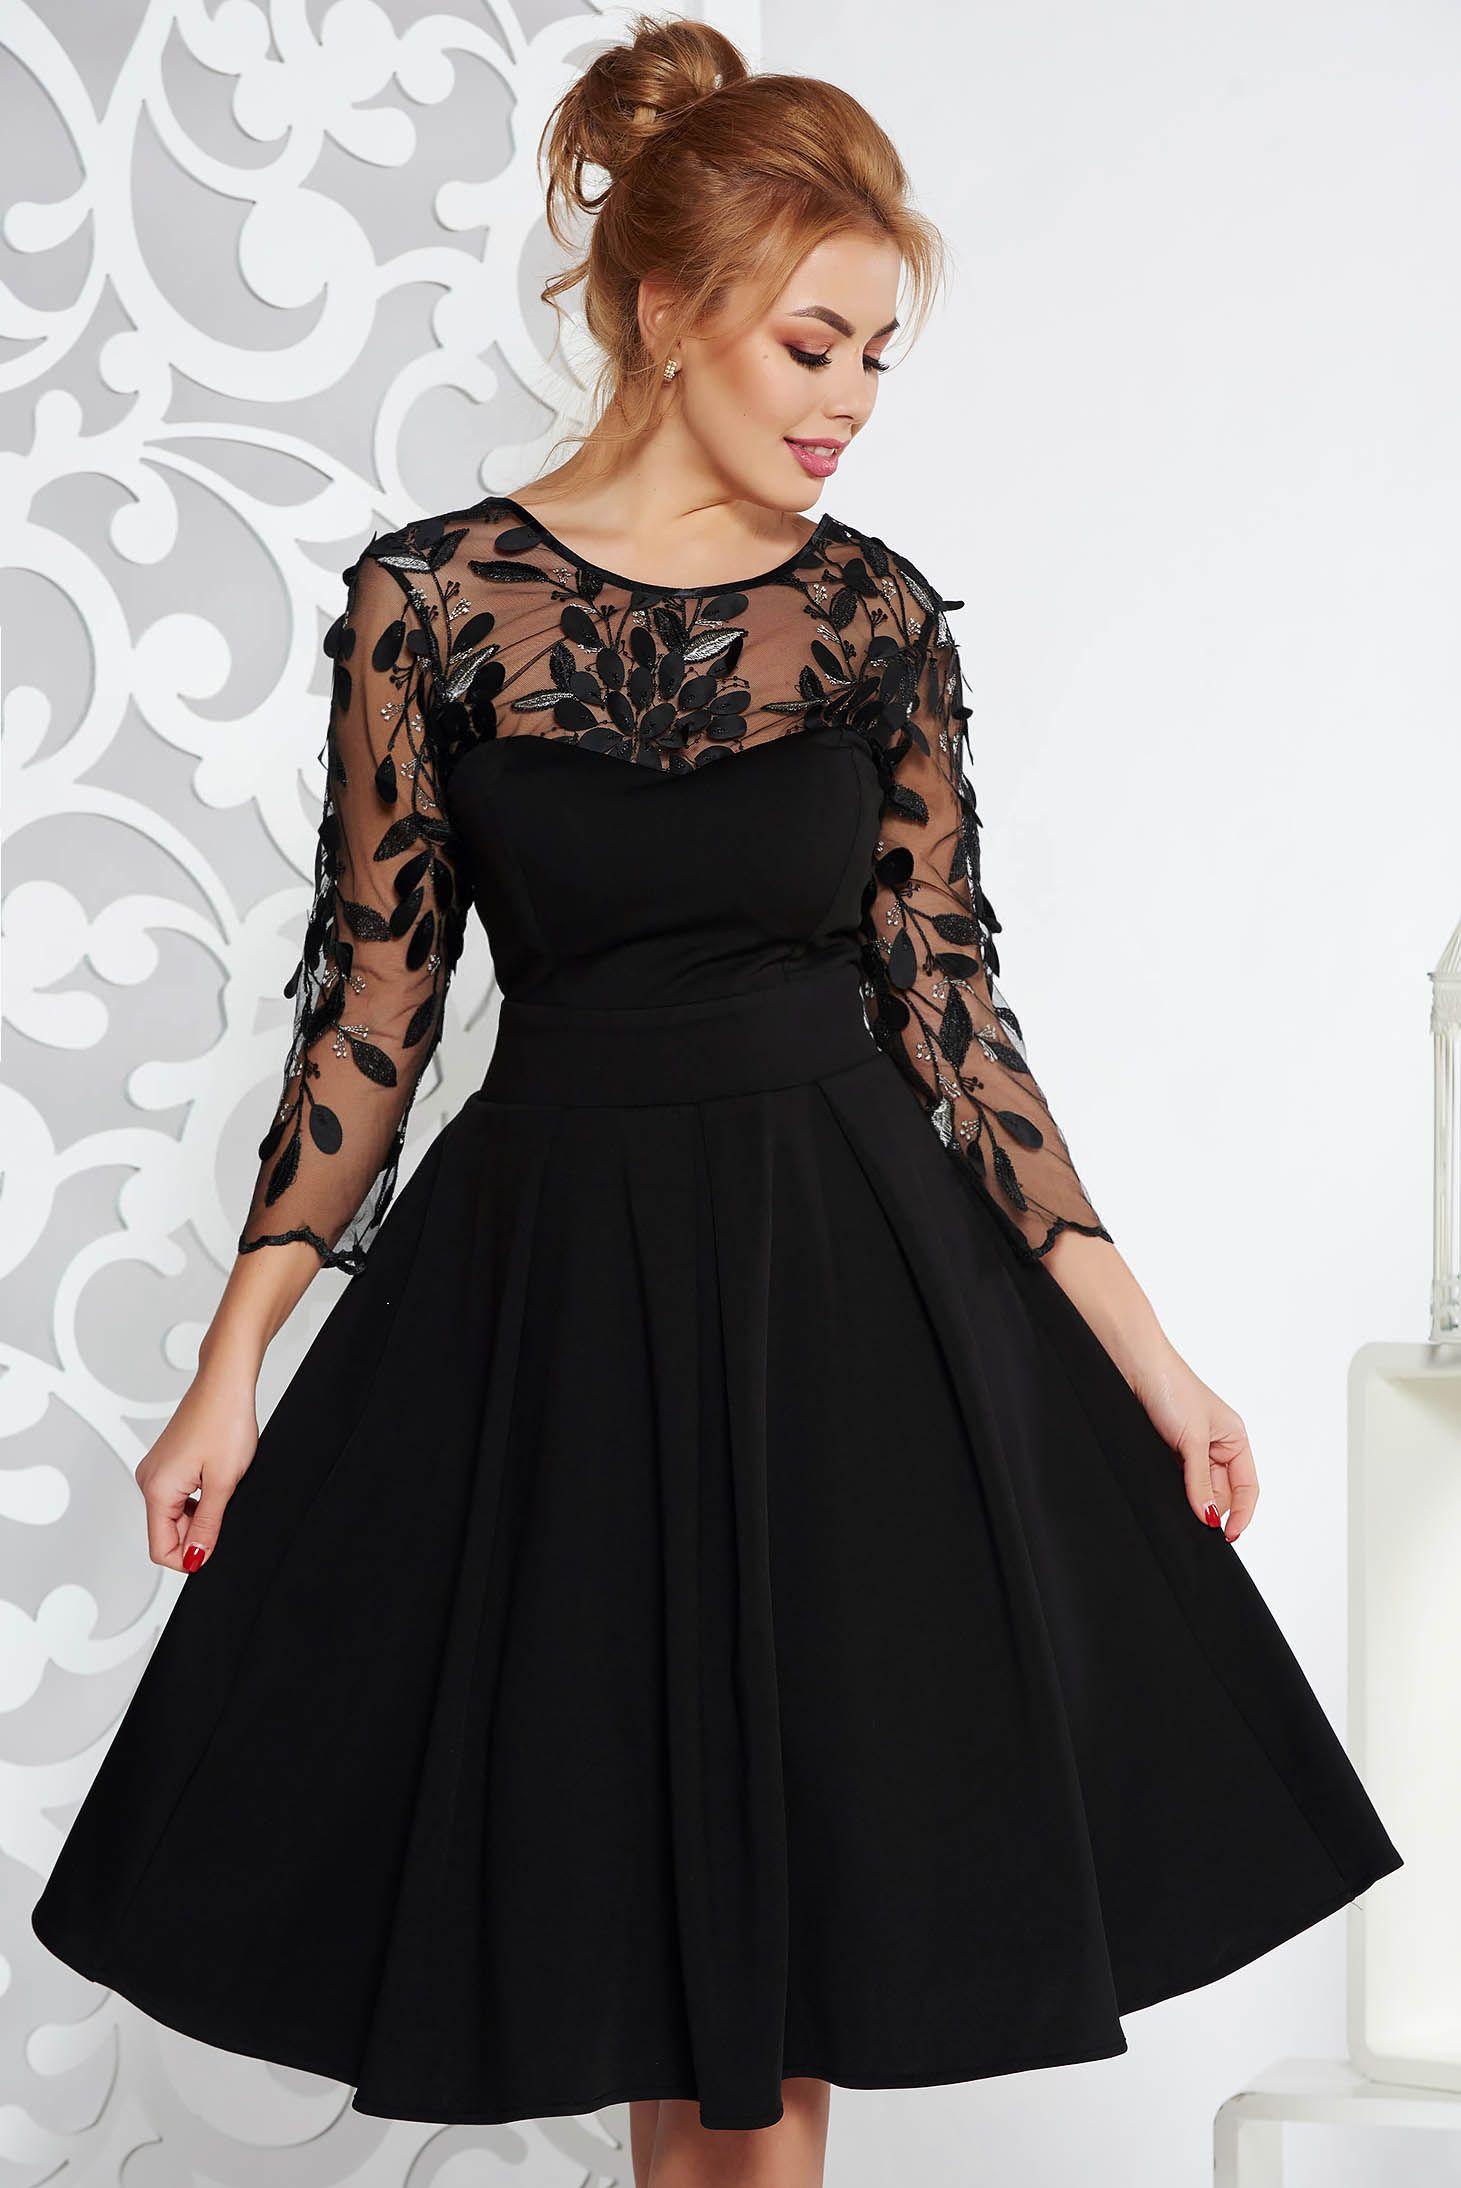 Fekete Artista alkalmi harang ruha enyhén elasztikus szövet belső béléssel  szivacsos mellrésszel. Látványos 14d3969bd1